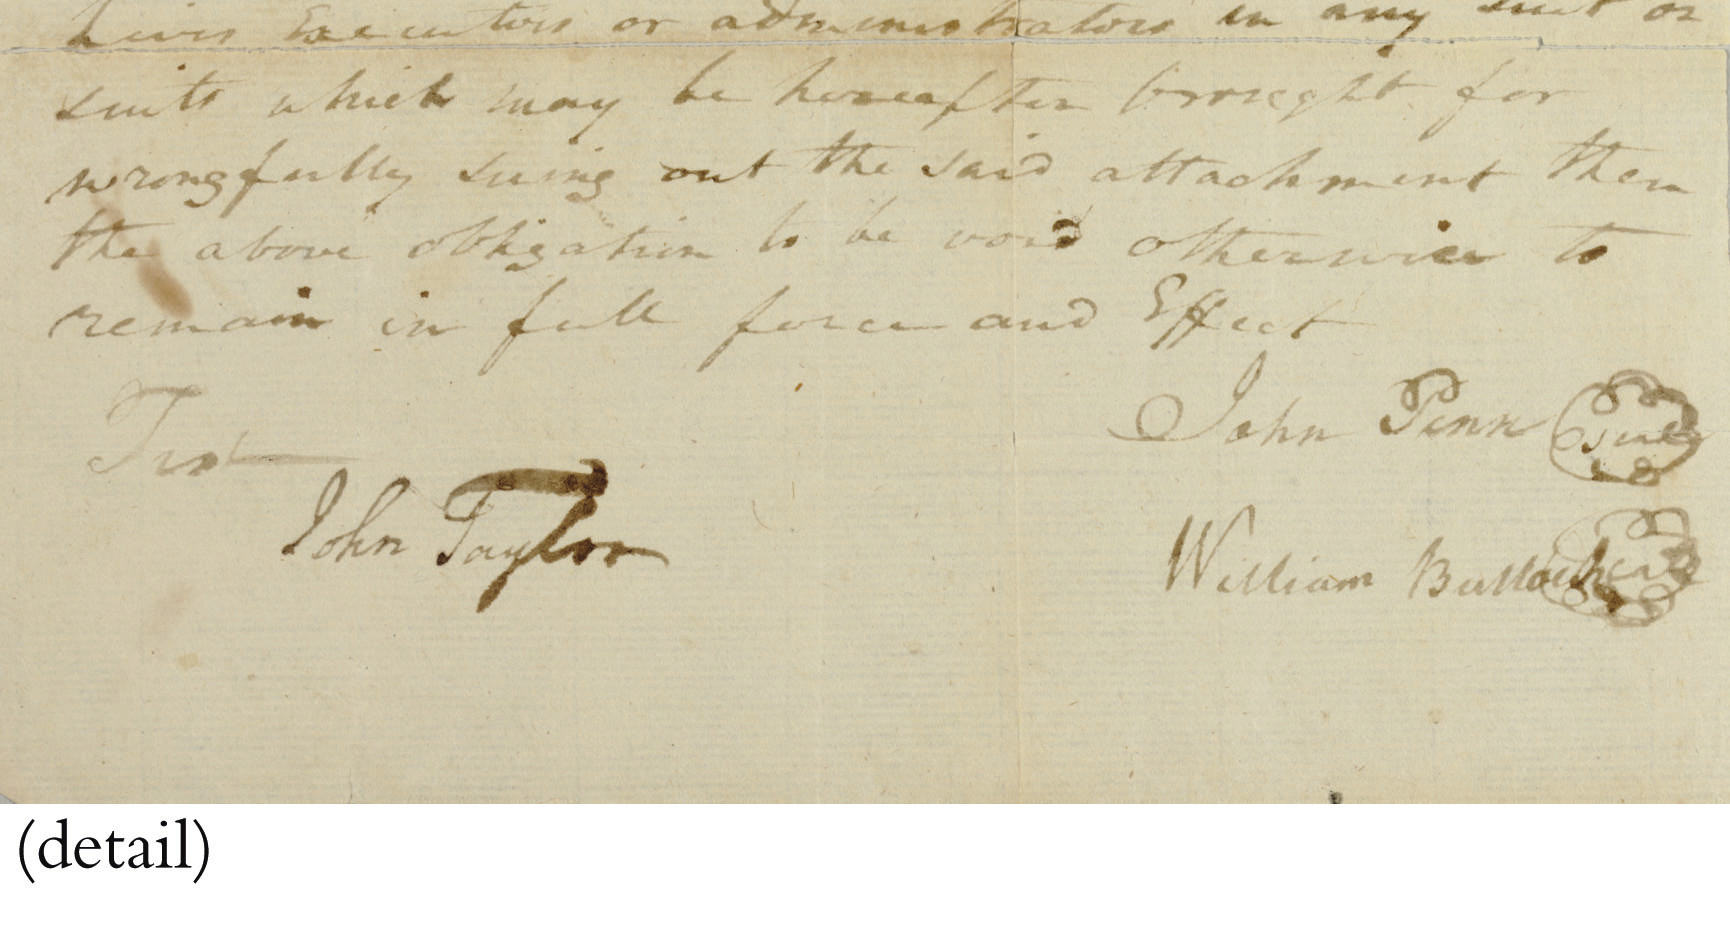 PENN, John (1740-1788), Signer